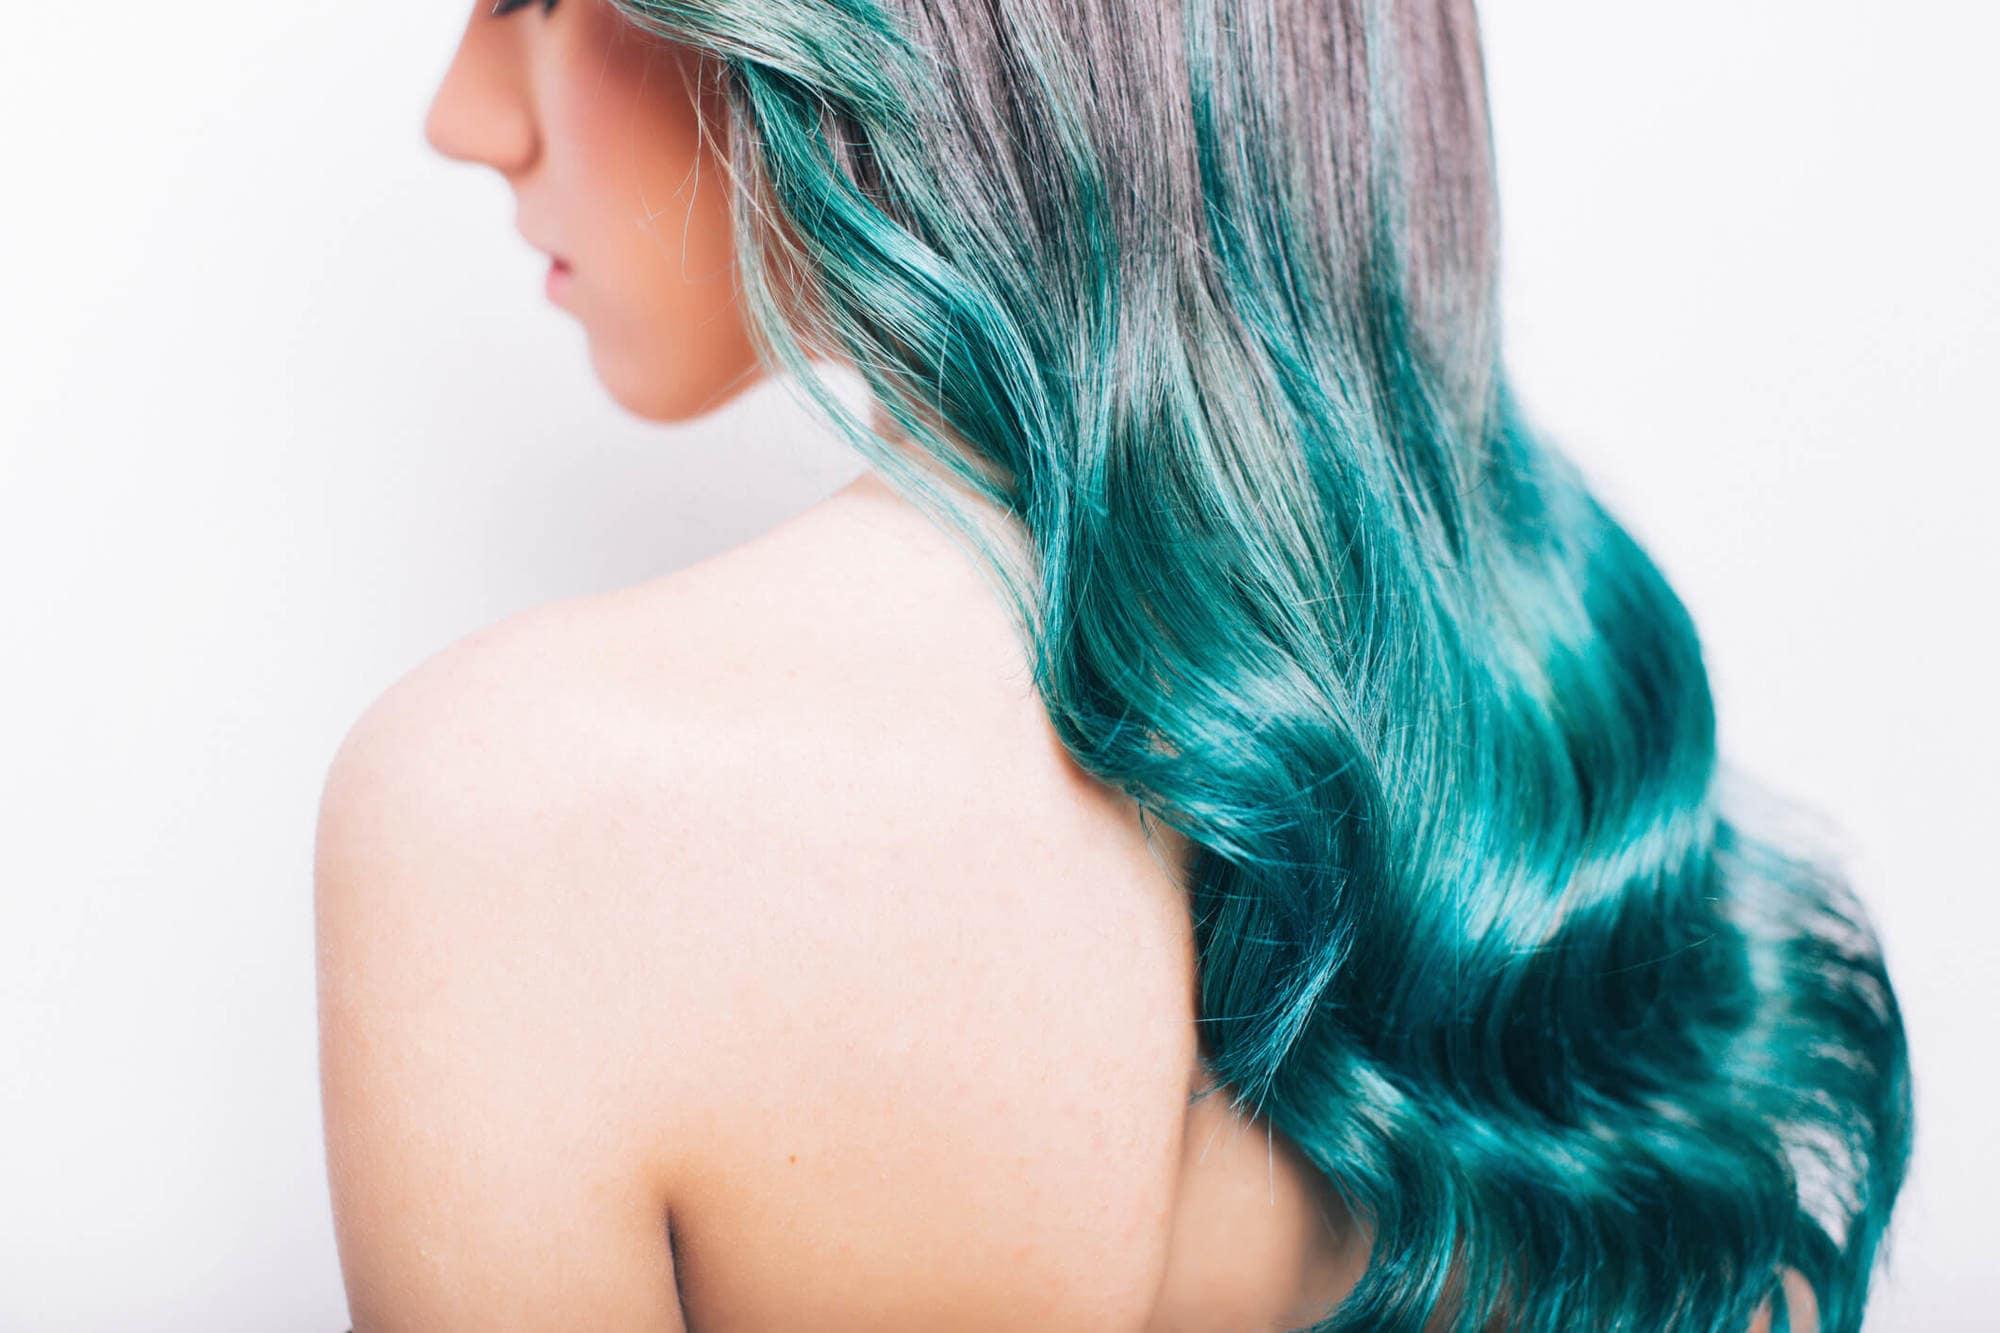 cabello con dos colores ombré verde